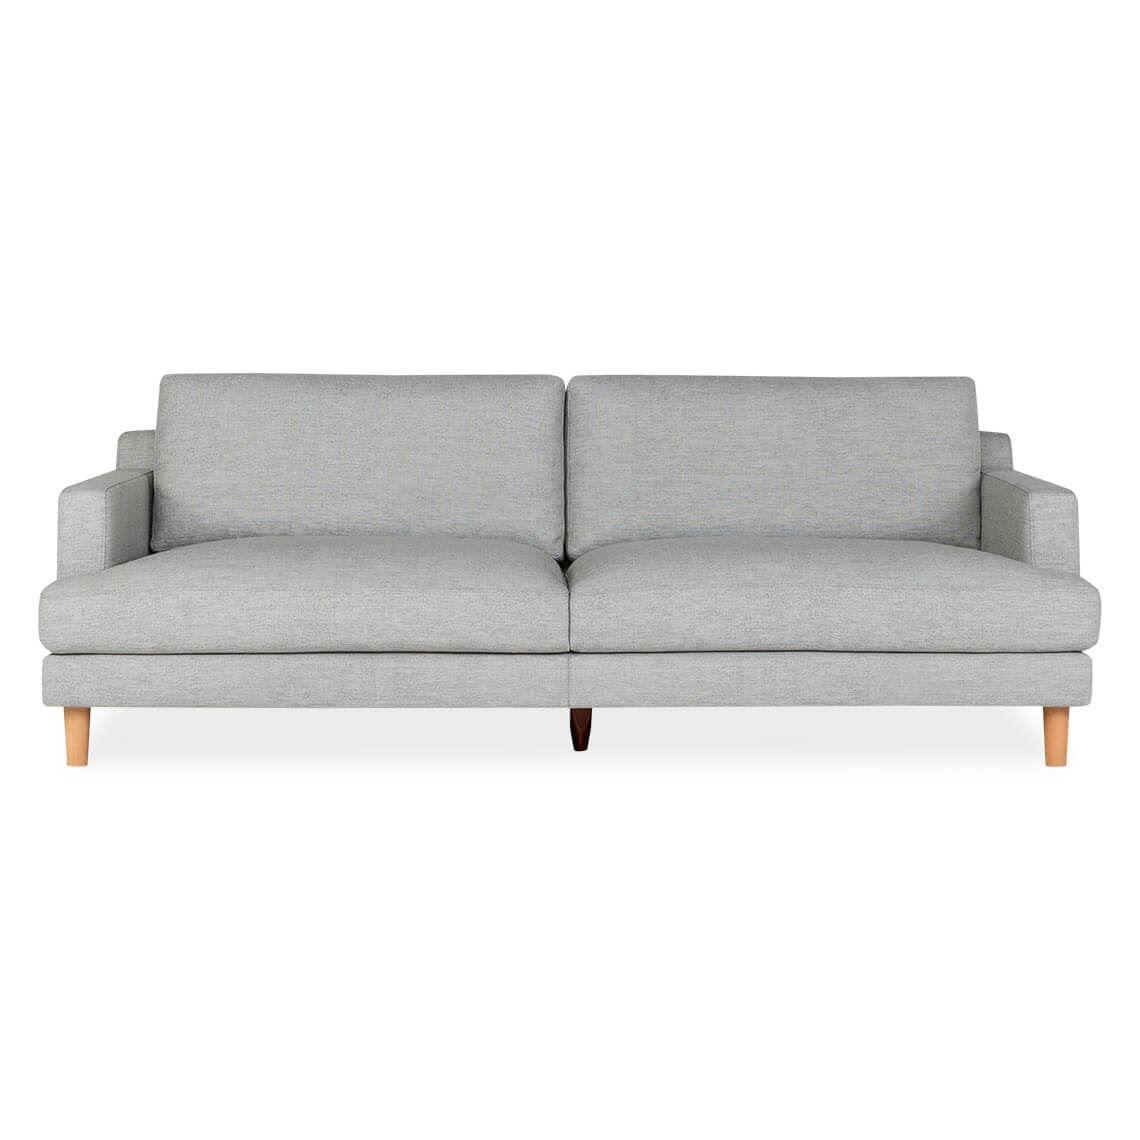 Thea 3 Seat Sofa Size W 229cm X D 99cm X H 84cm In Light Grey Freedom Sofa Modular Couch Fabric Sofa